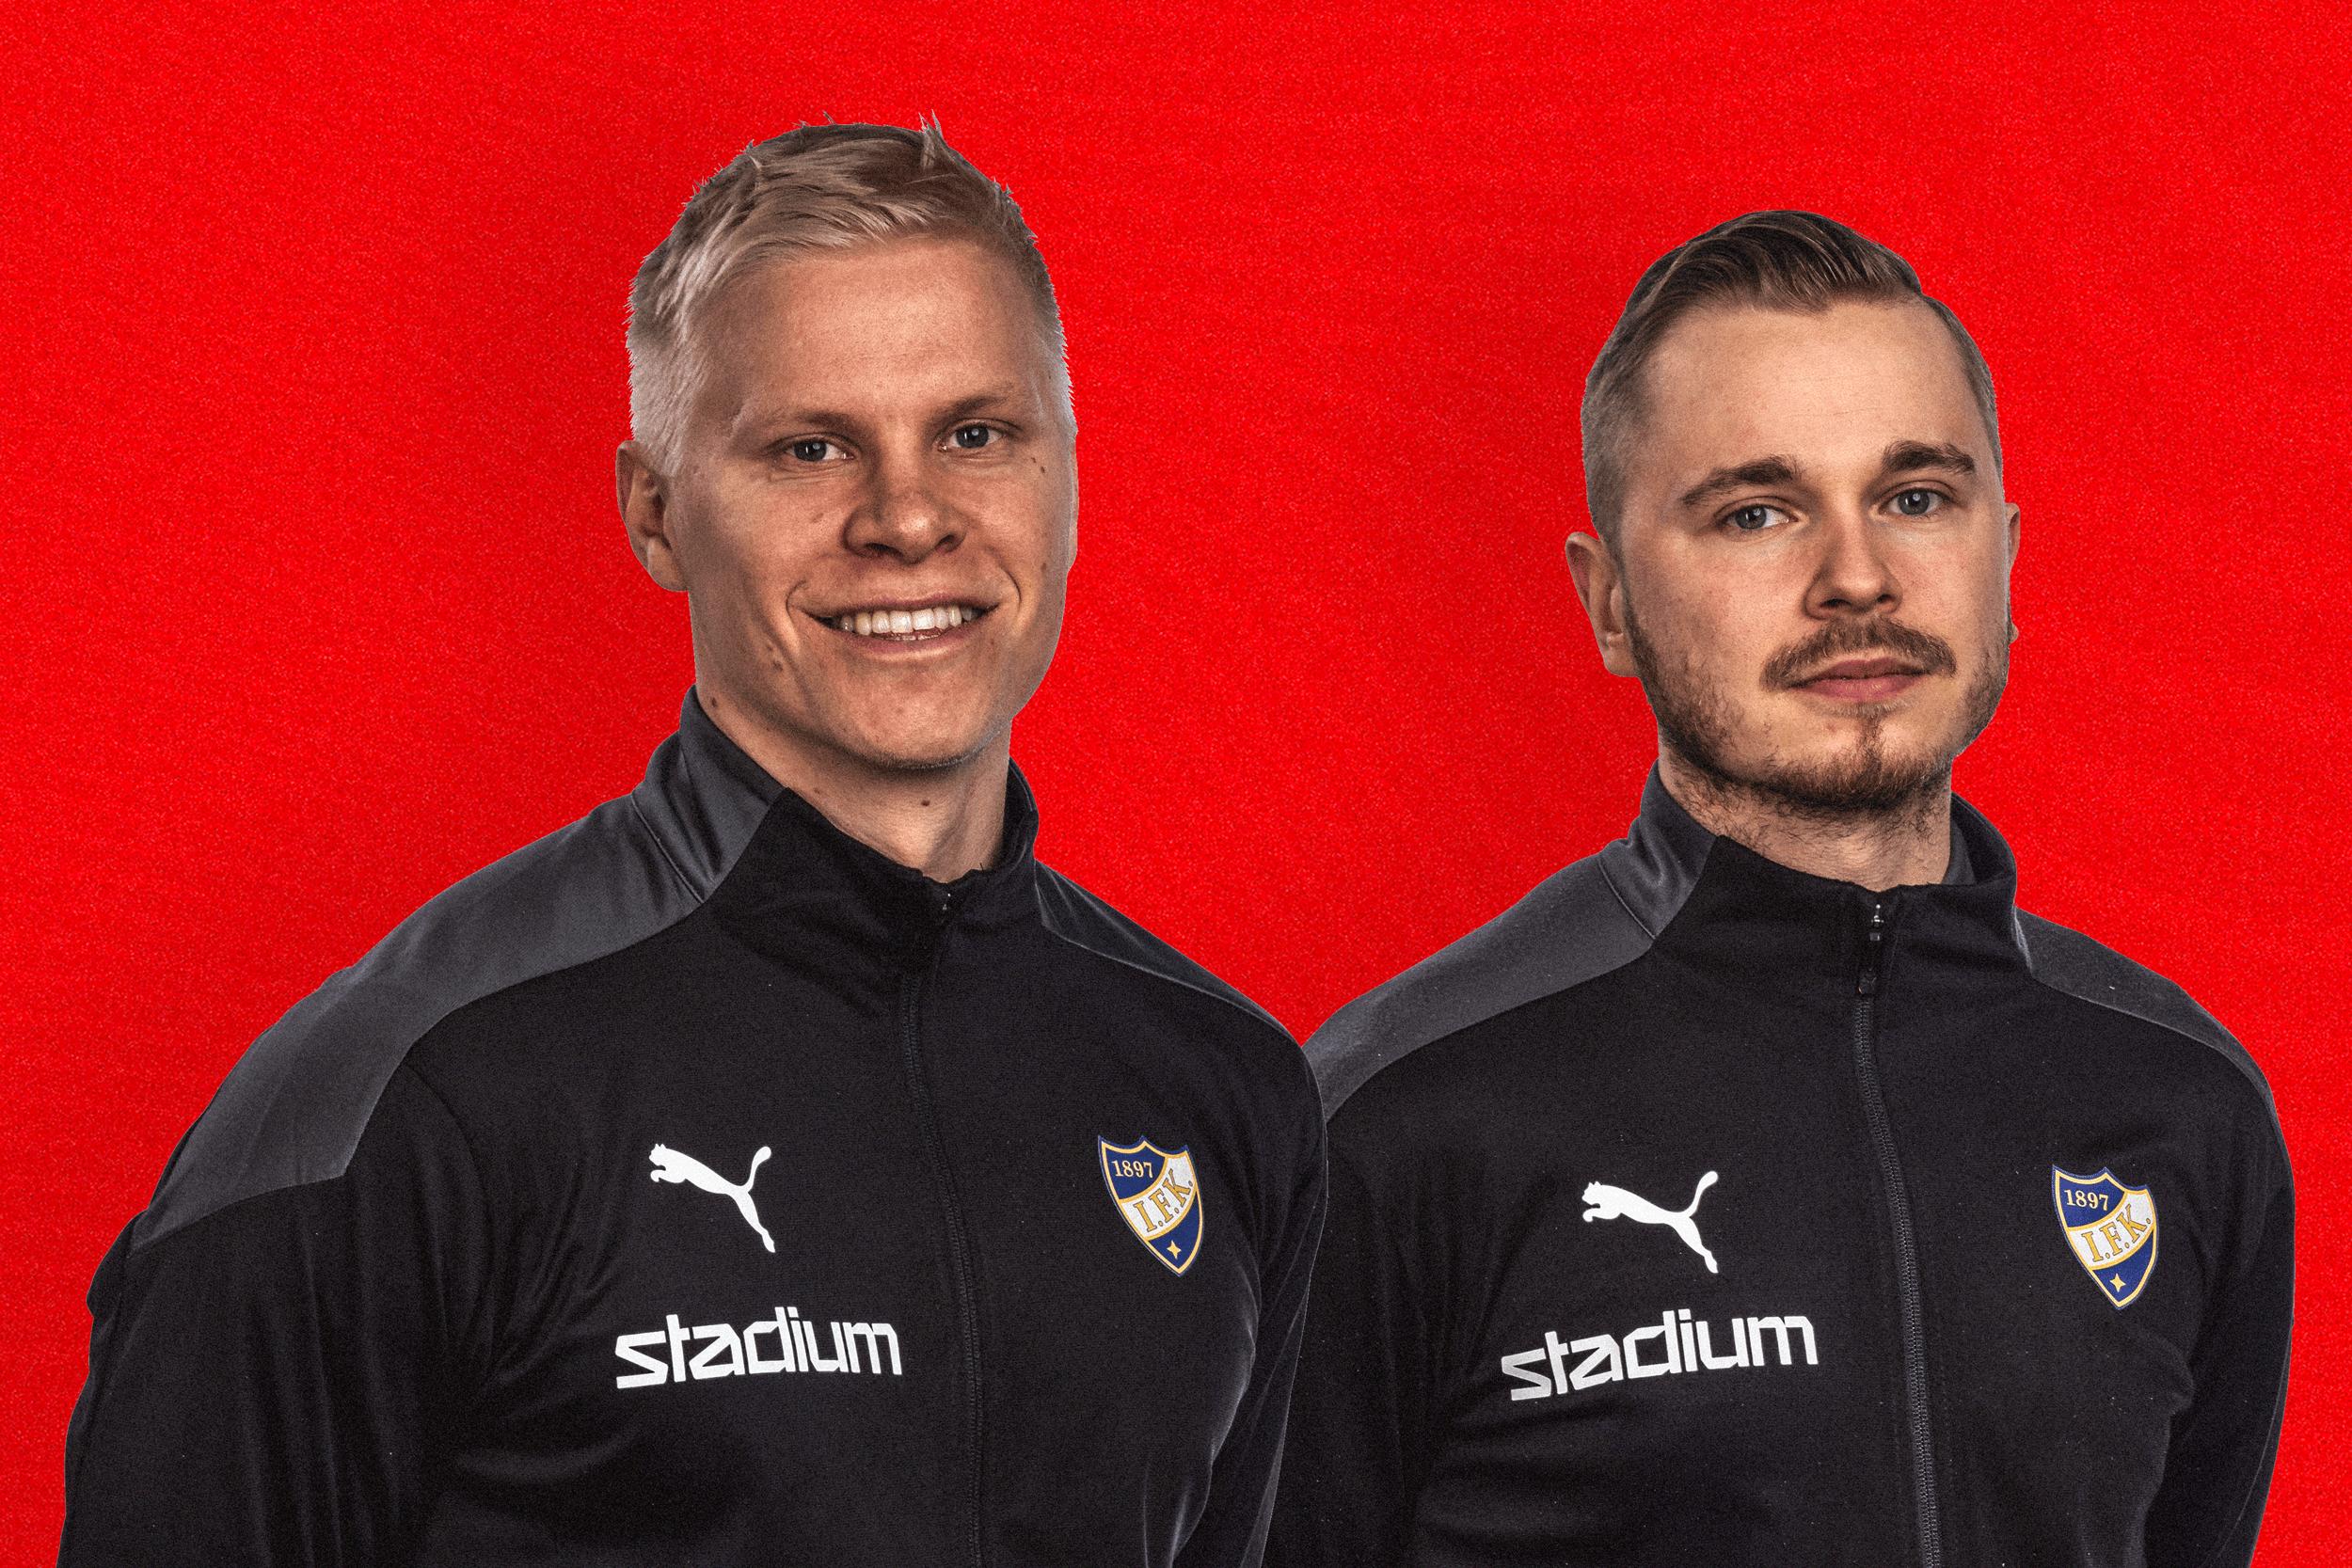 HIFK:s tränarstab får två nya medlemmar i Tommi Ekmark och Joni Välilä